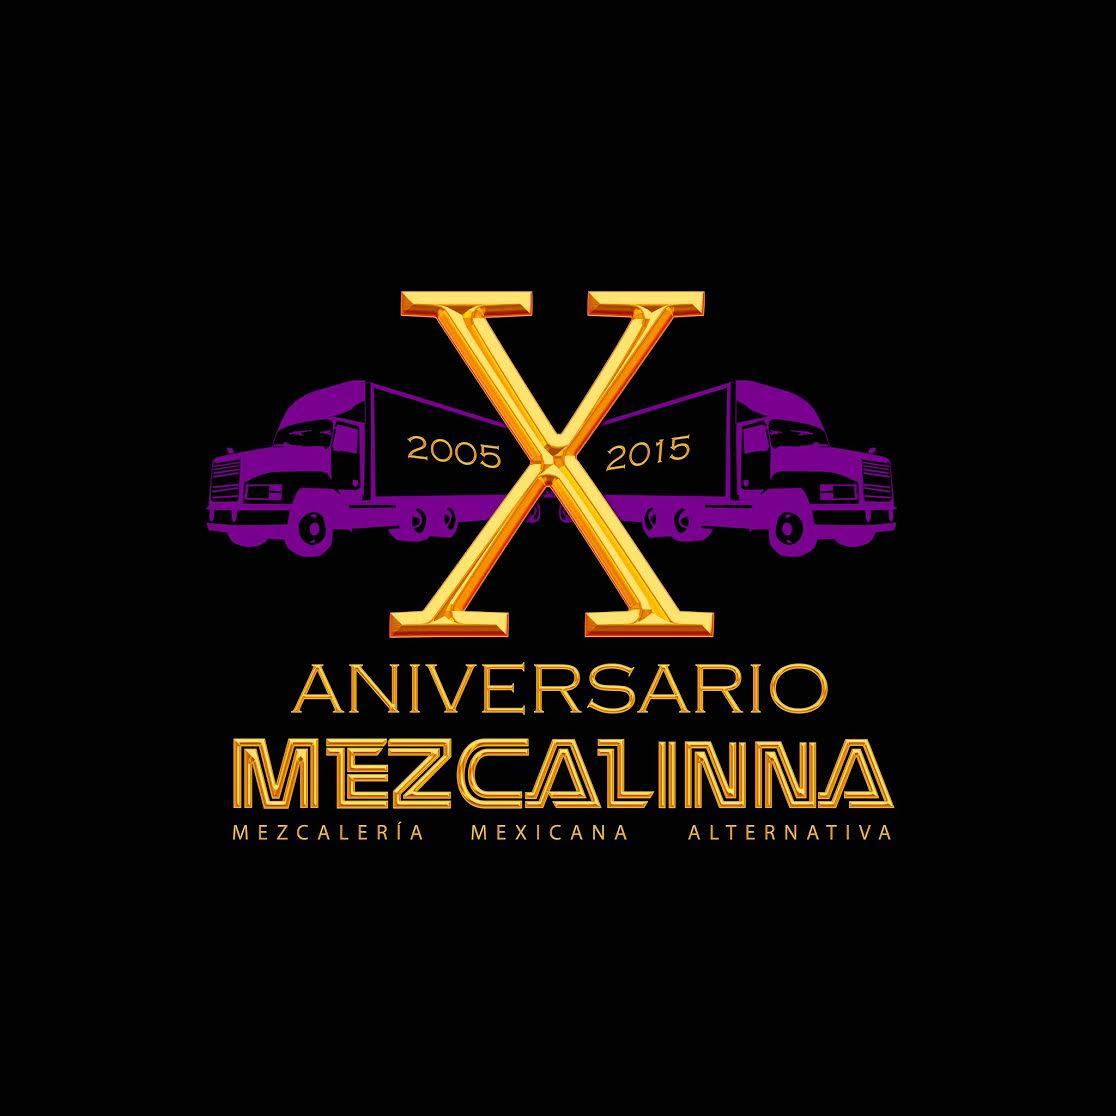 10 Aniversario de La Mezcalinna Playa del Carmen